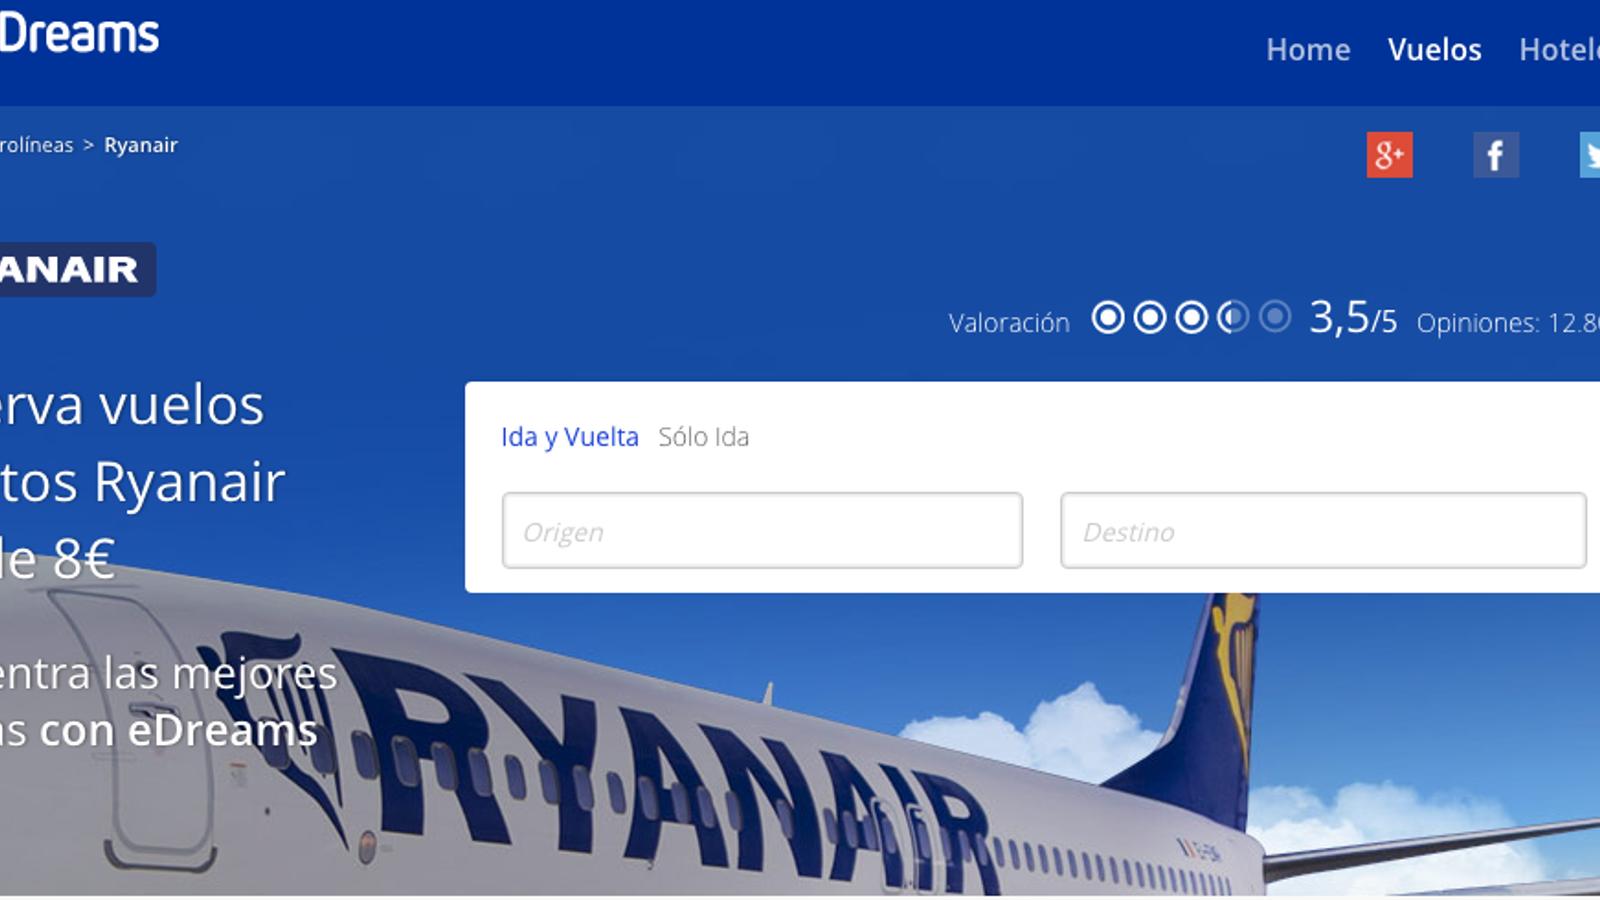 Ryanair signa la pau amb eDreams i Google en les denúncies per publicitat enganyosa